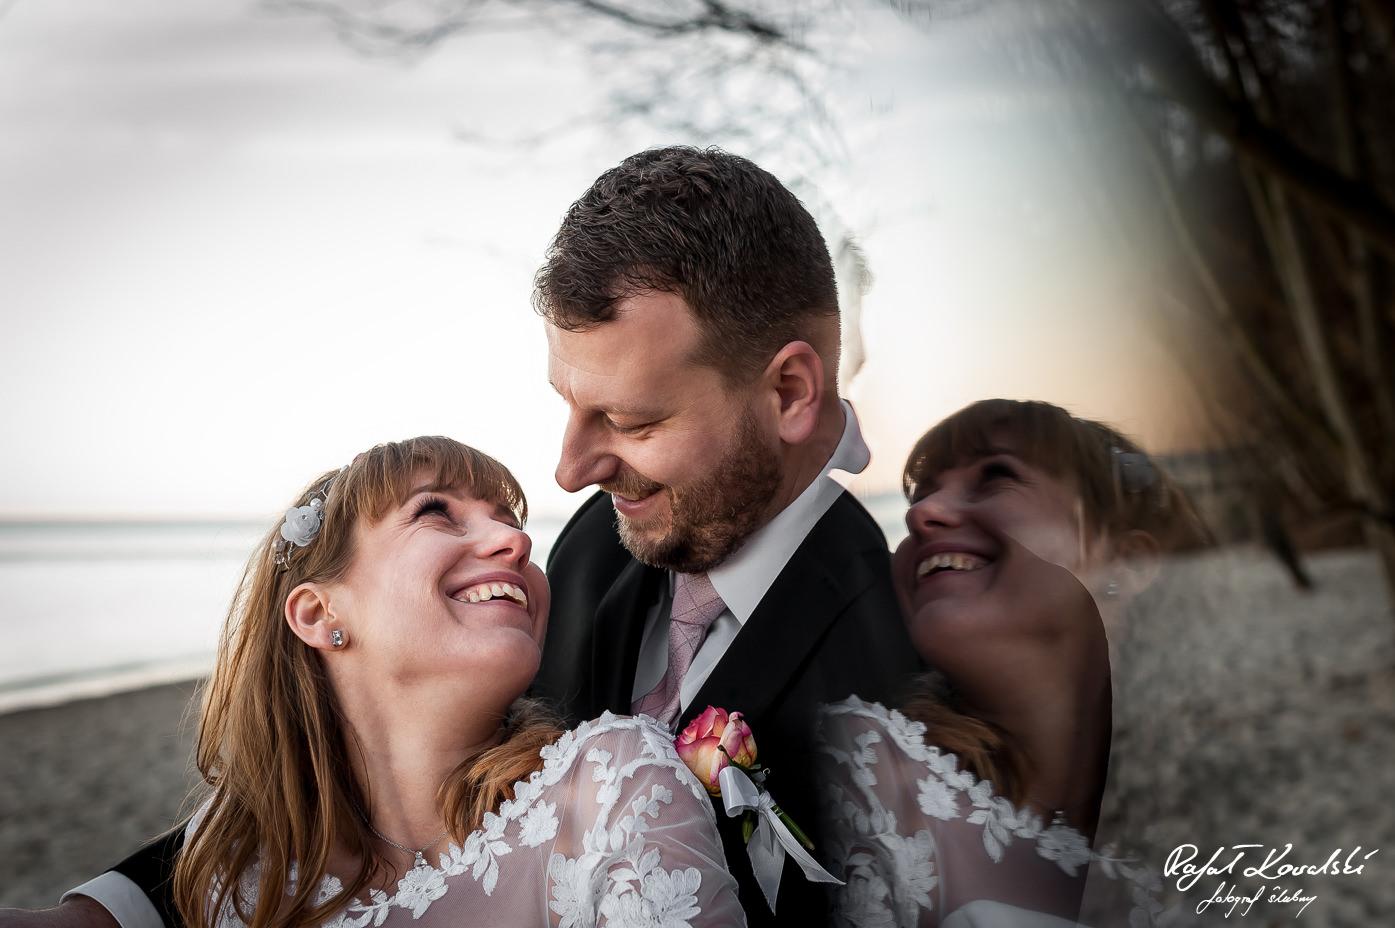 Zdjęcia Ślubne Gdynia efektowne odbicie sprawia wrażenie jak były dwie panny młode na zdjęciu z pleneru ślubnego